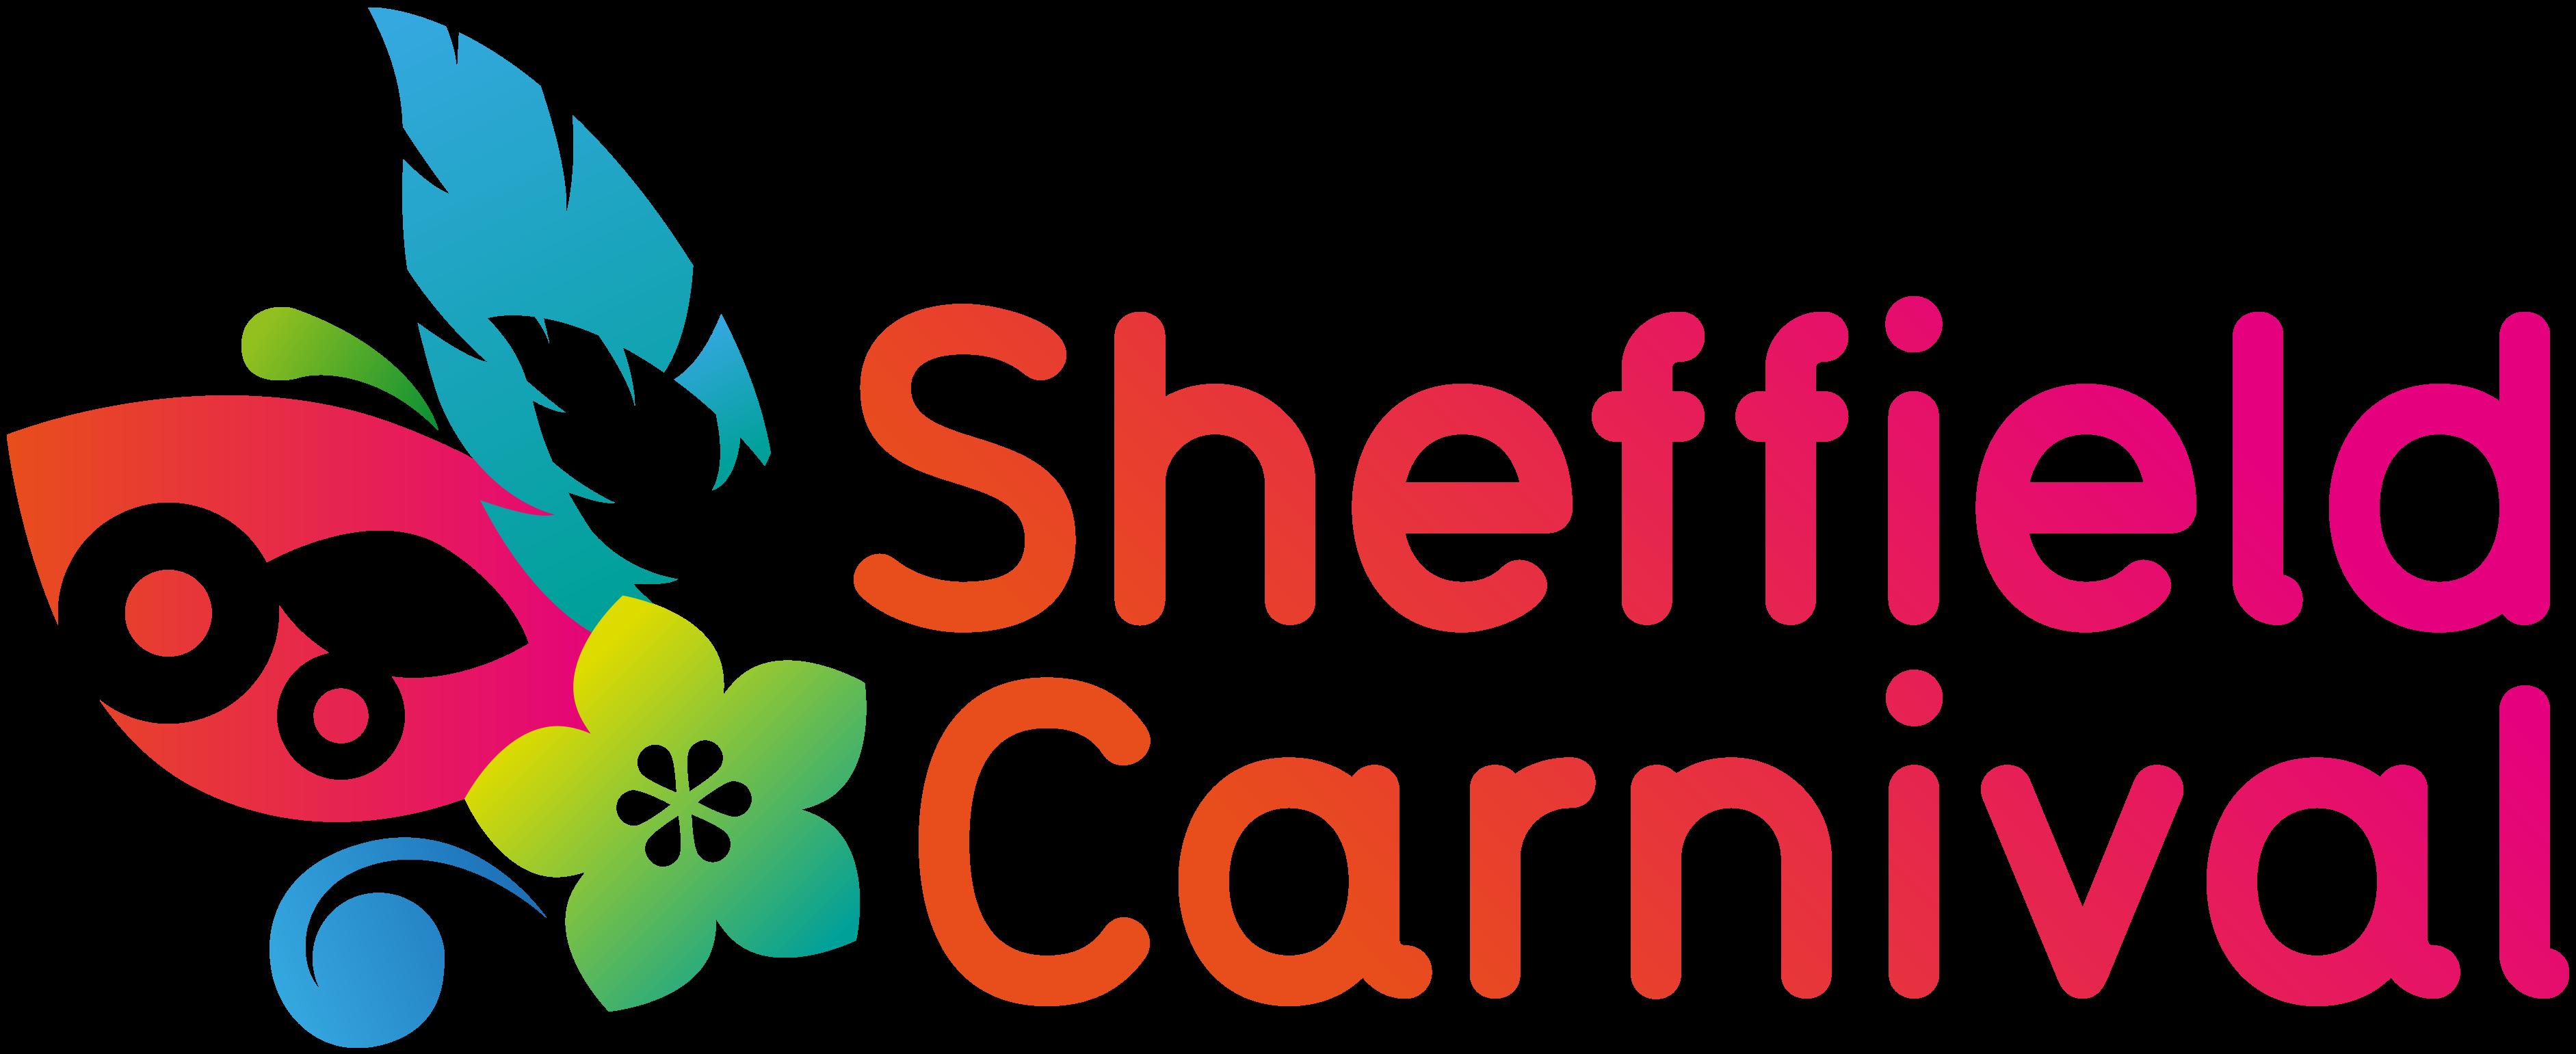 Sheffield Carnival